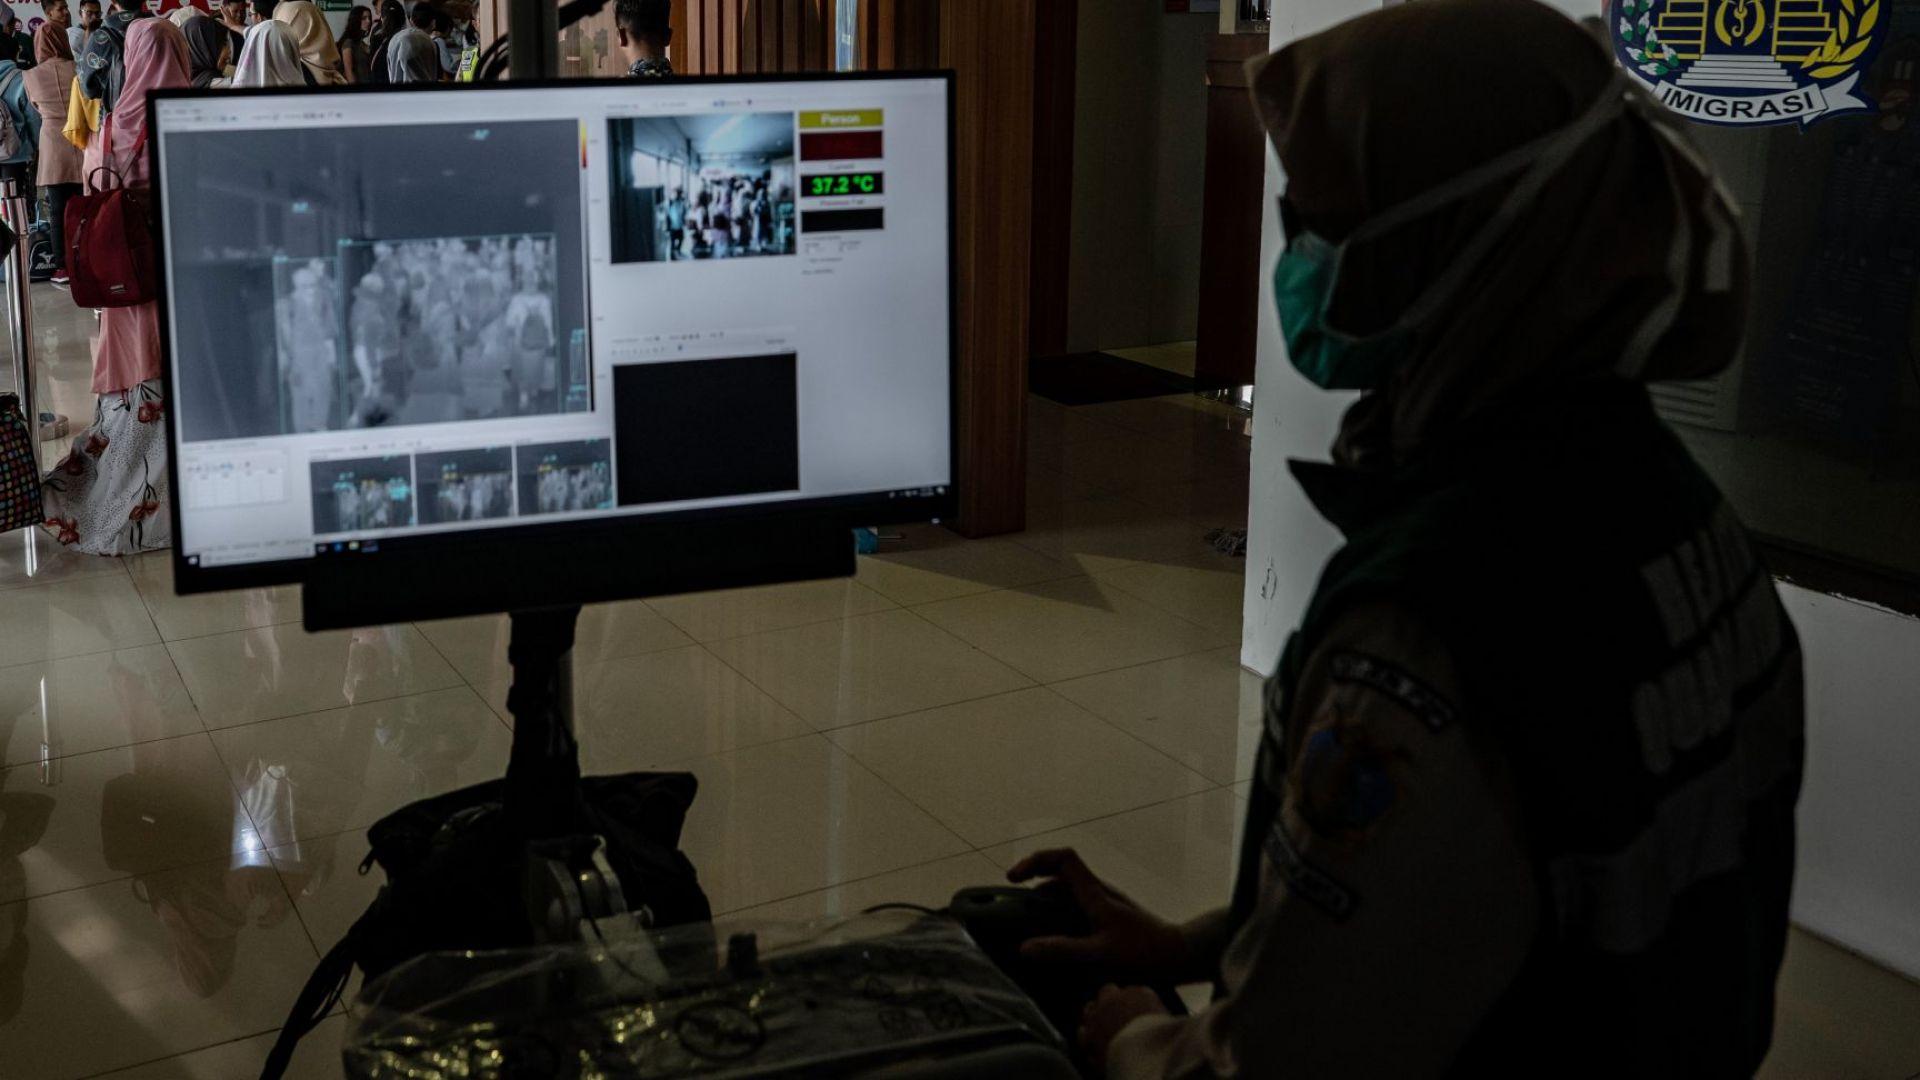 Българи напуснали Китай без проверка за новия коронавирус